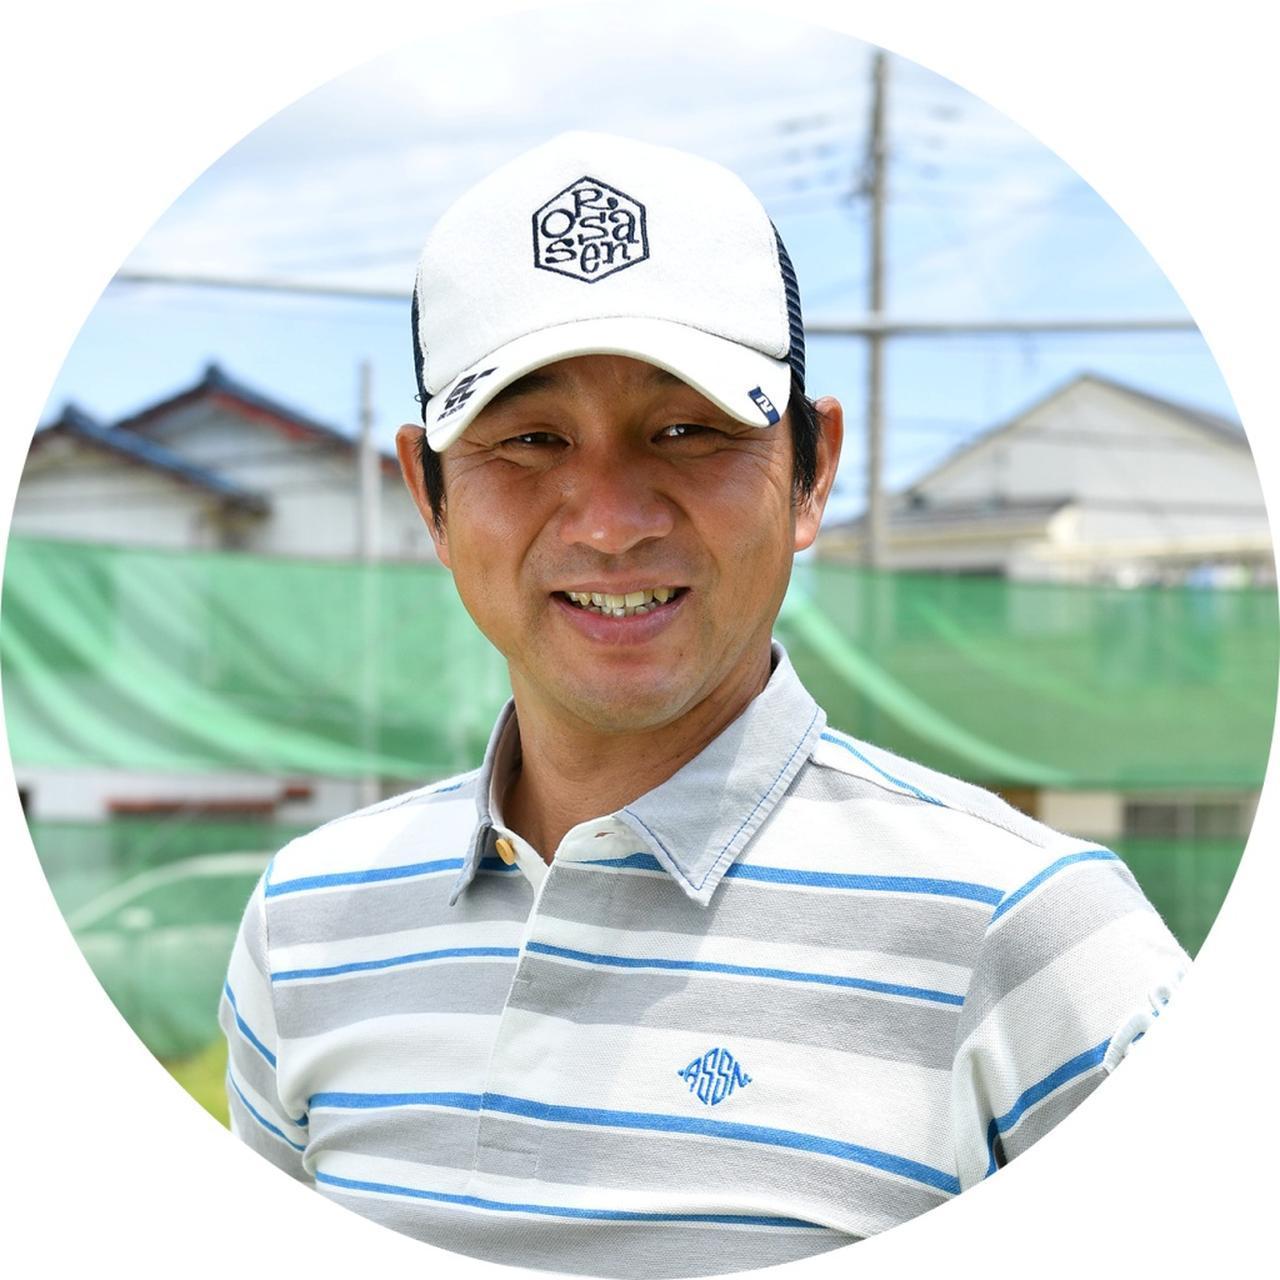 画像: 【解説】横田英治プロ 江連忠プロの理論を継承し、ツアー経験に基づくメソッドで指導を行う。ETGSエグゼクティブインストラクター